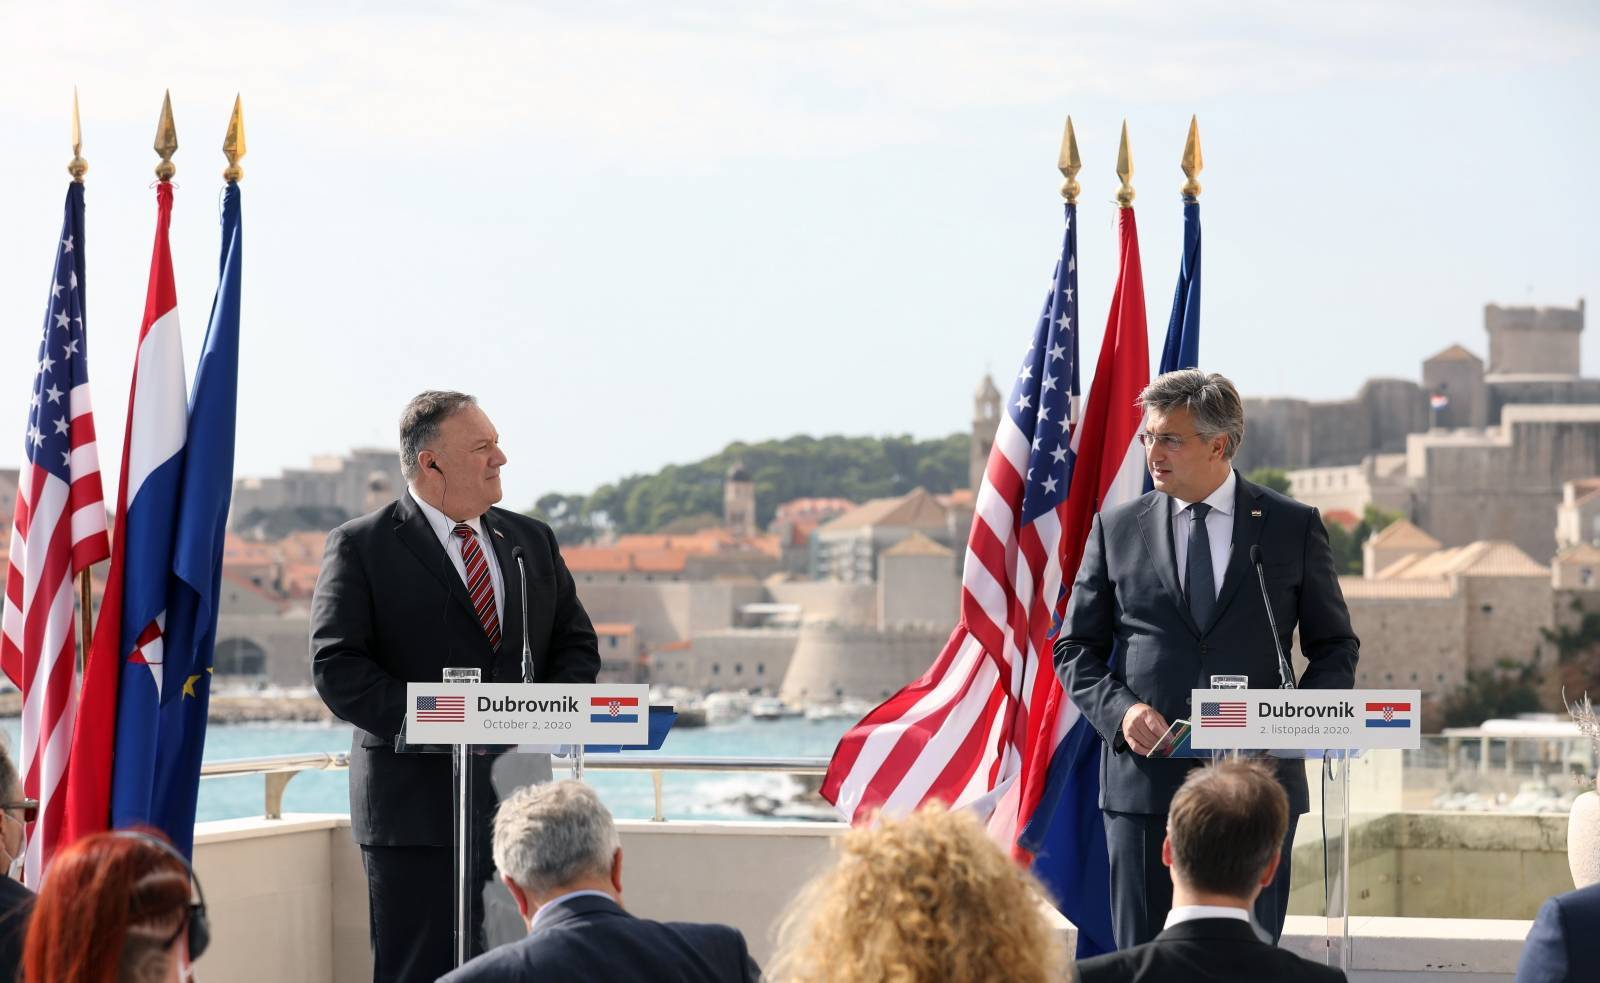 Držvni tajnik Sjedinjenih američkih država Michael R. Pompeo sastao se s premijerom Plenkovićem